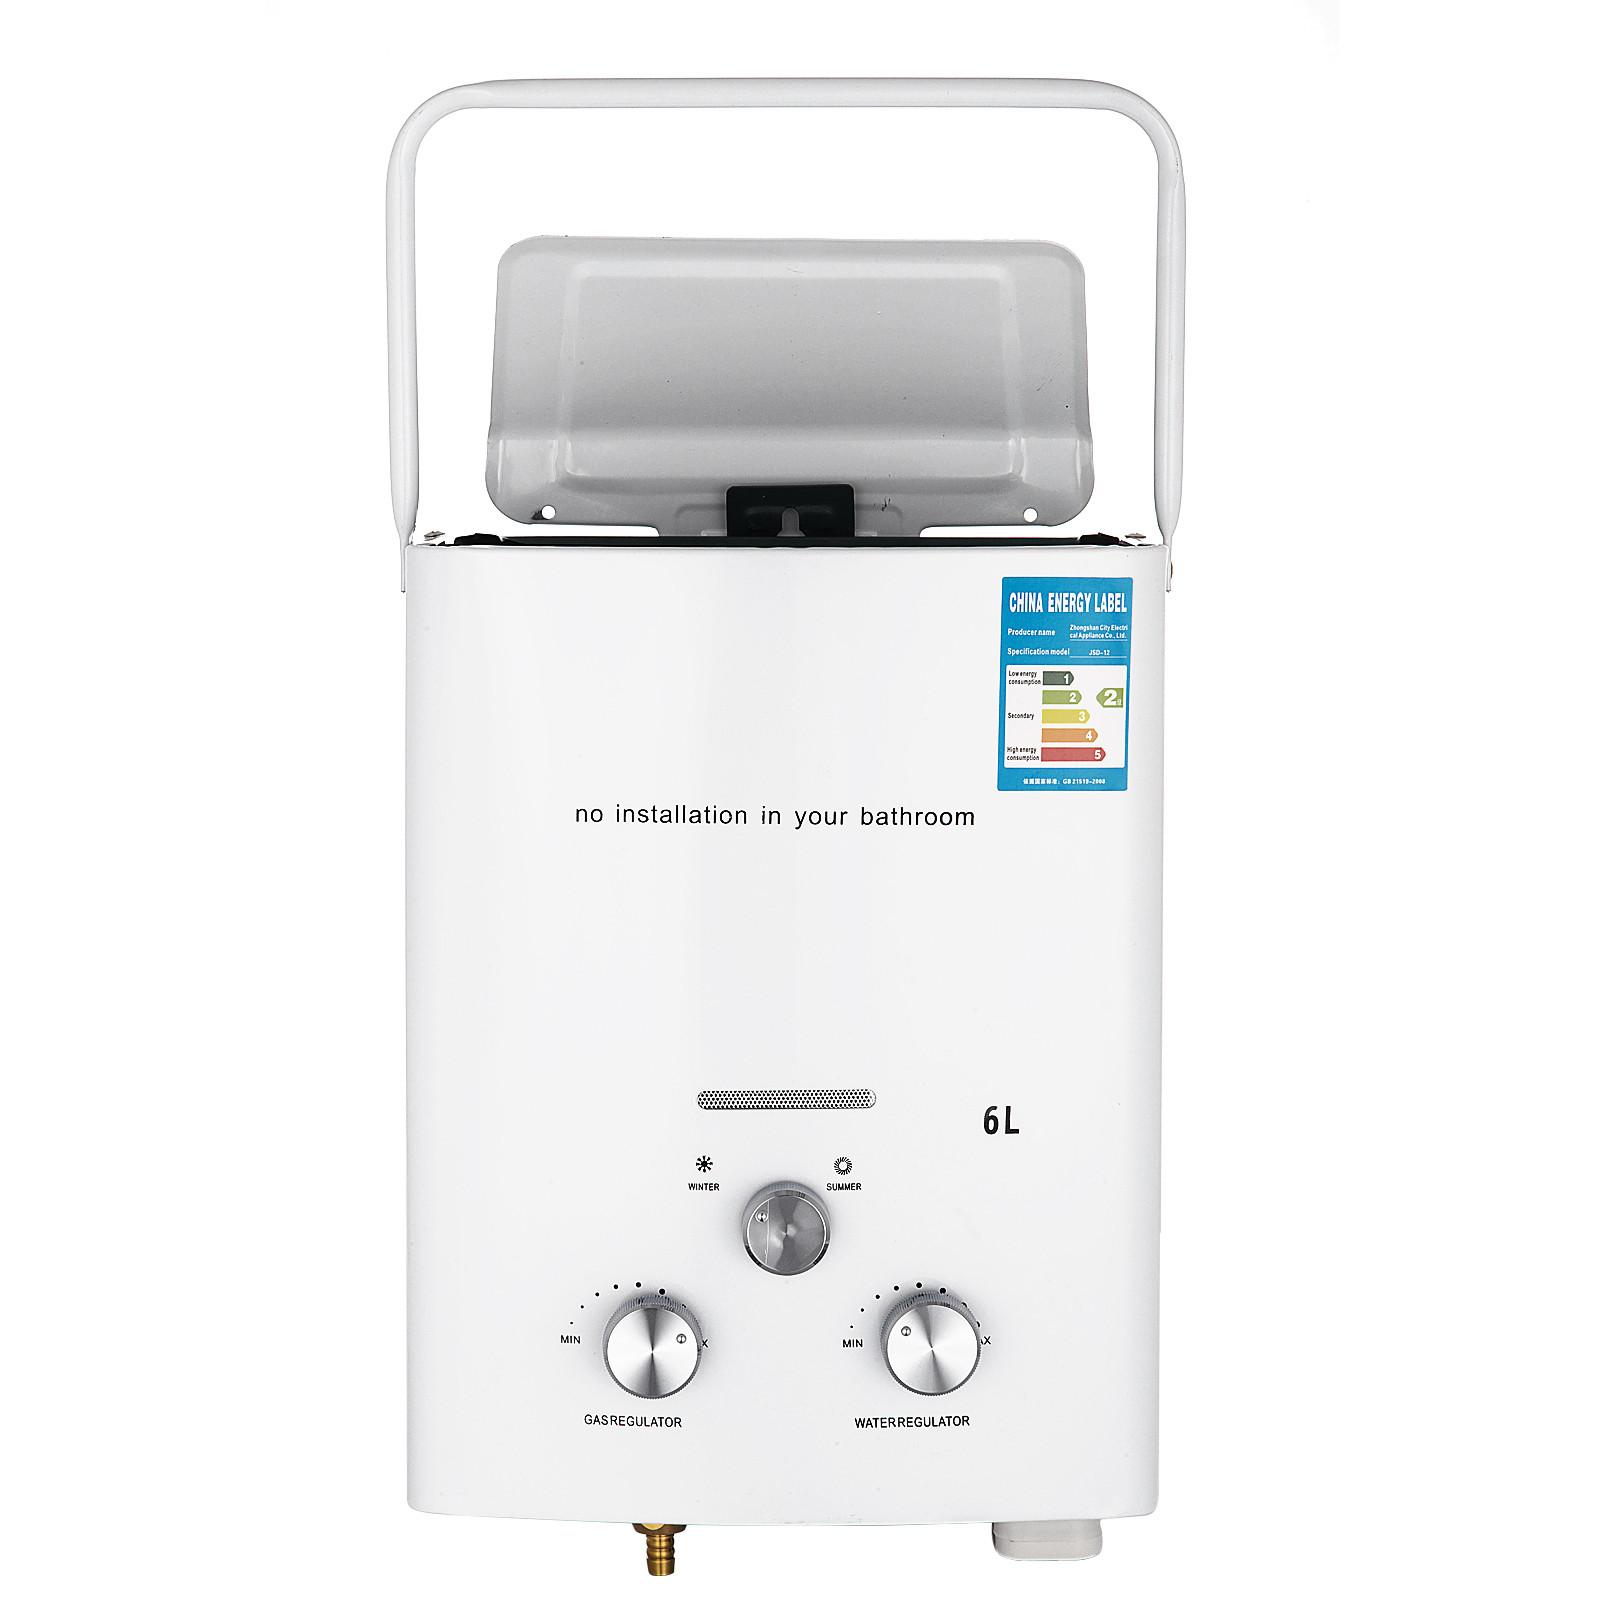 Propangas-Gas-Durchlauferhitzer-Warmwasserbereiter-Boiler-Warmwasserspeicher Indexbild 15